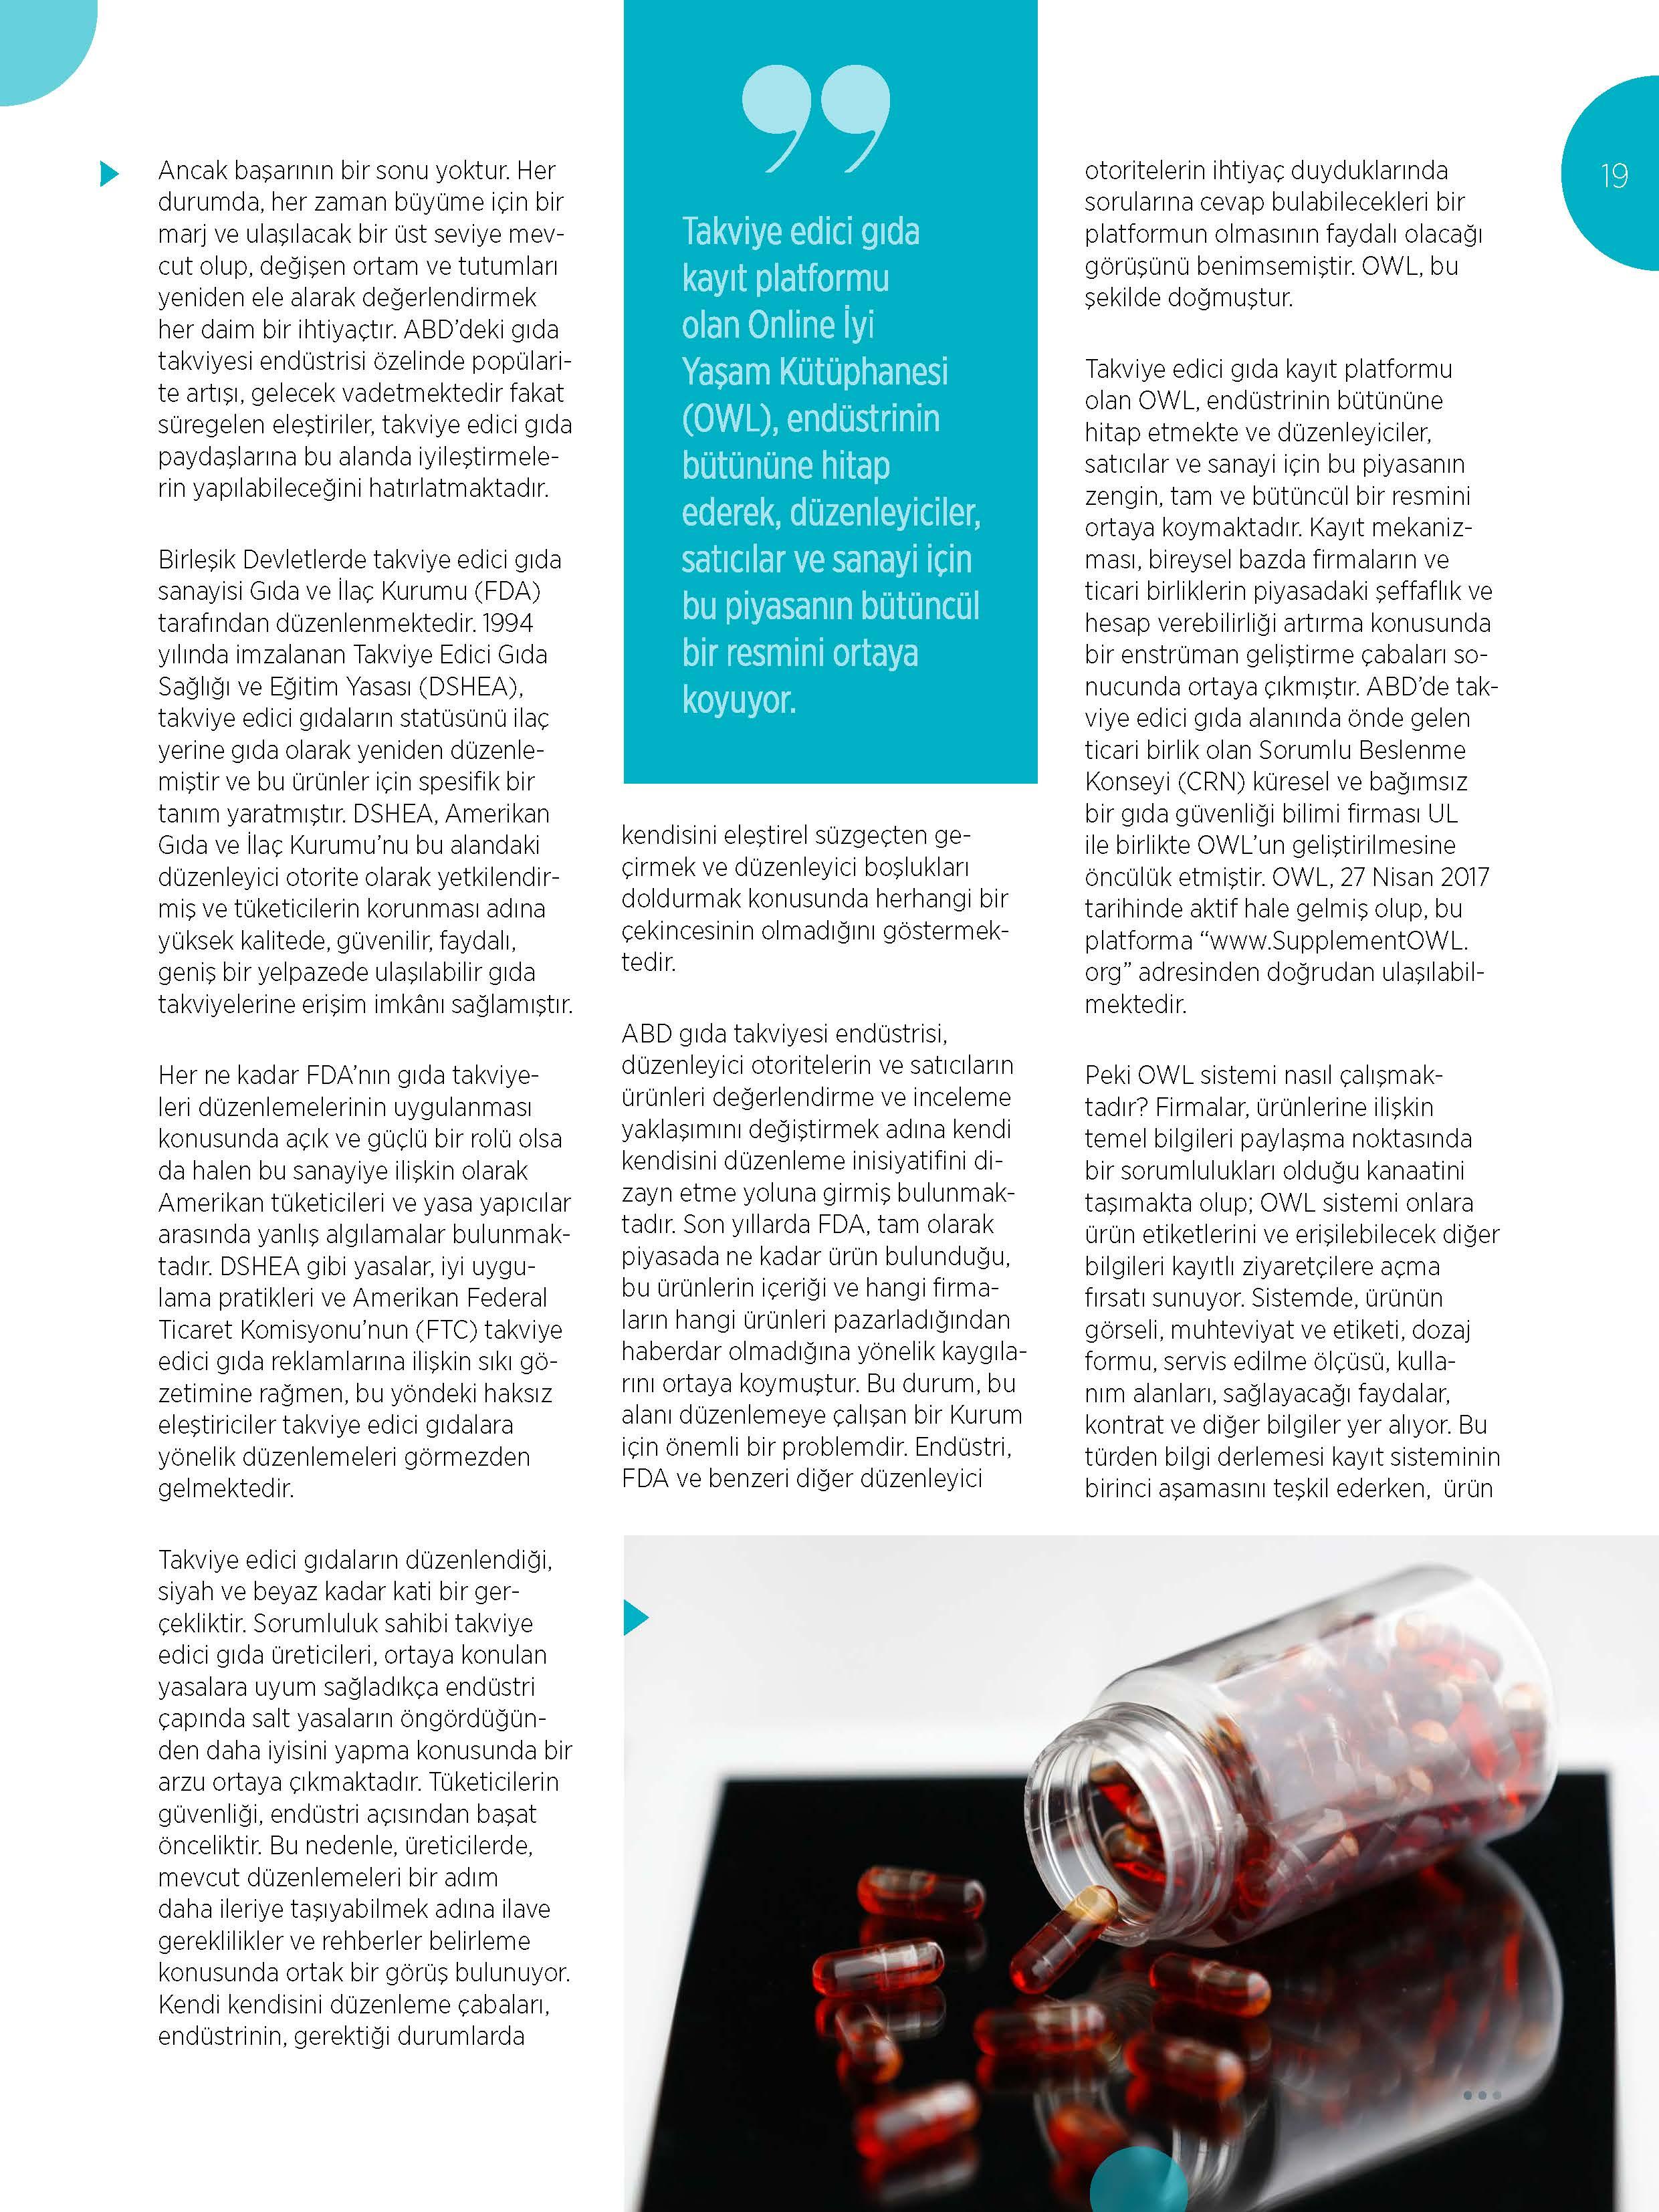 sayfa 19